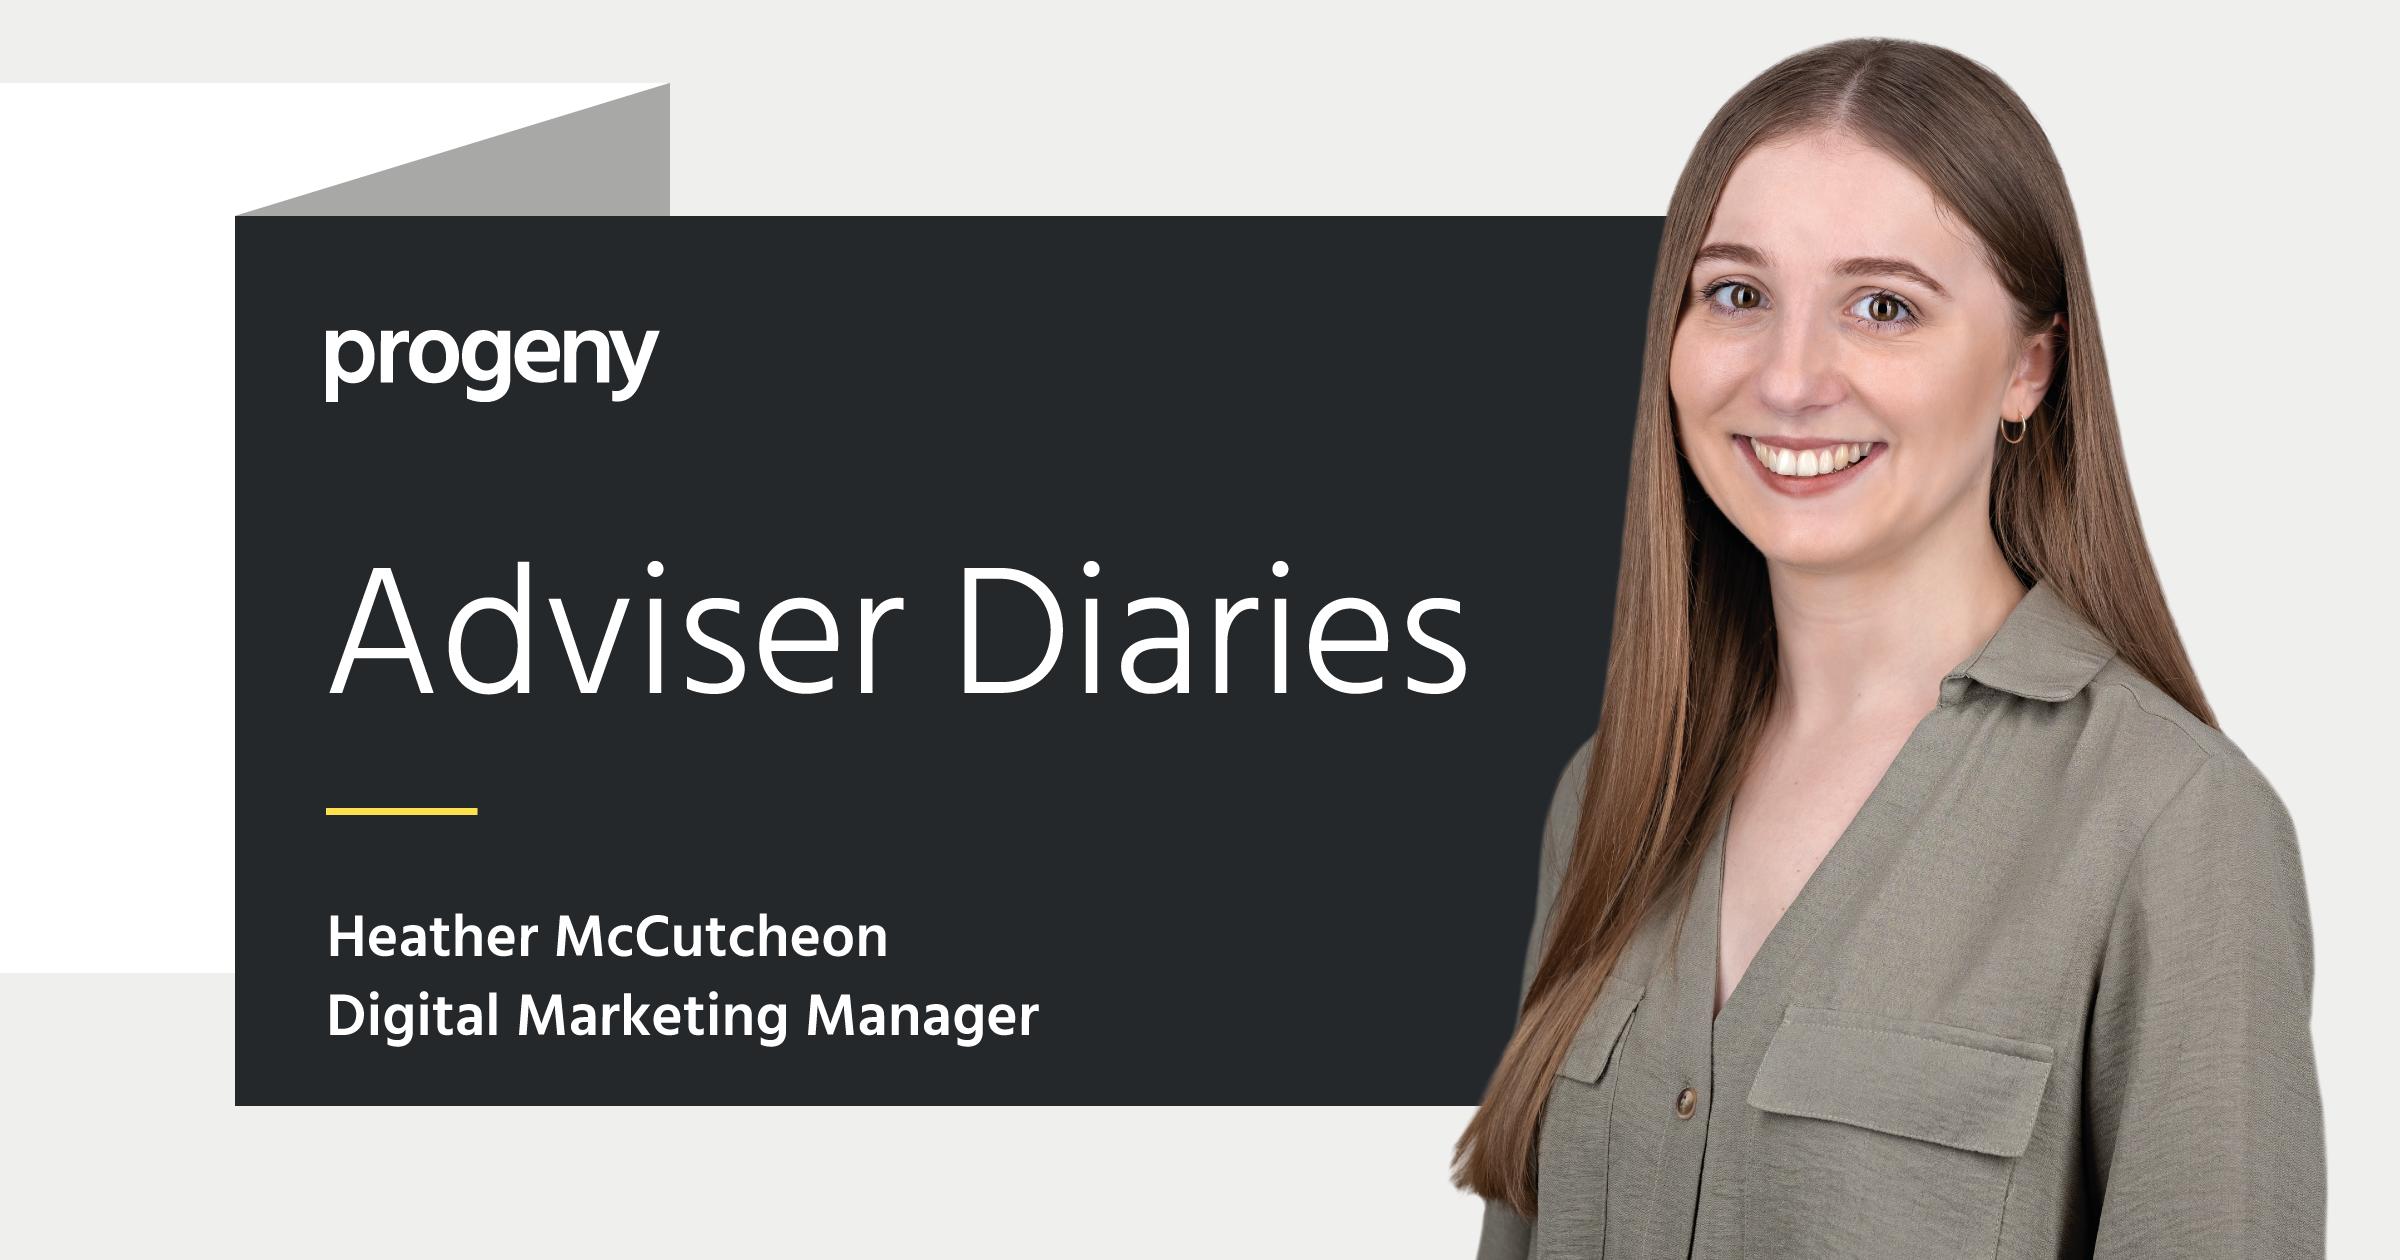 Graphic of adviser diaries